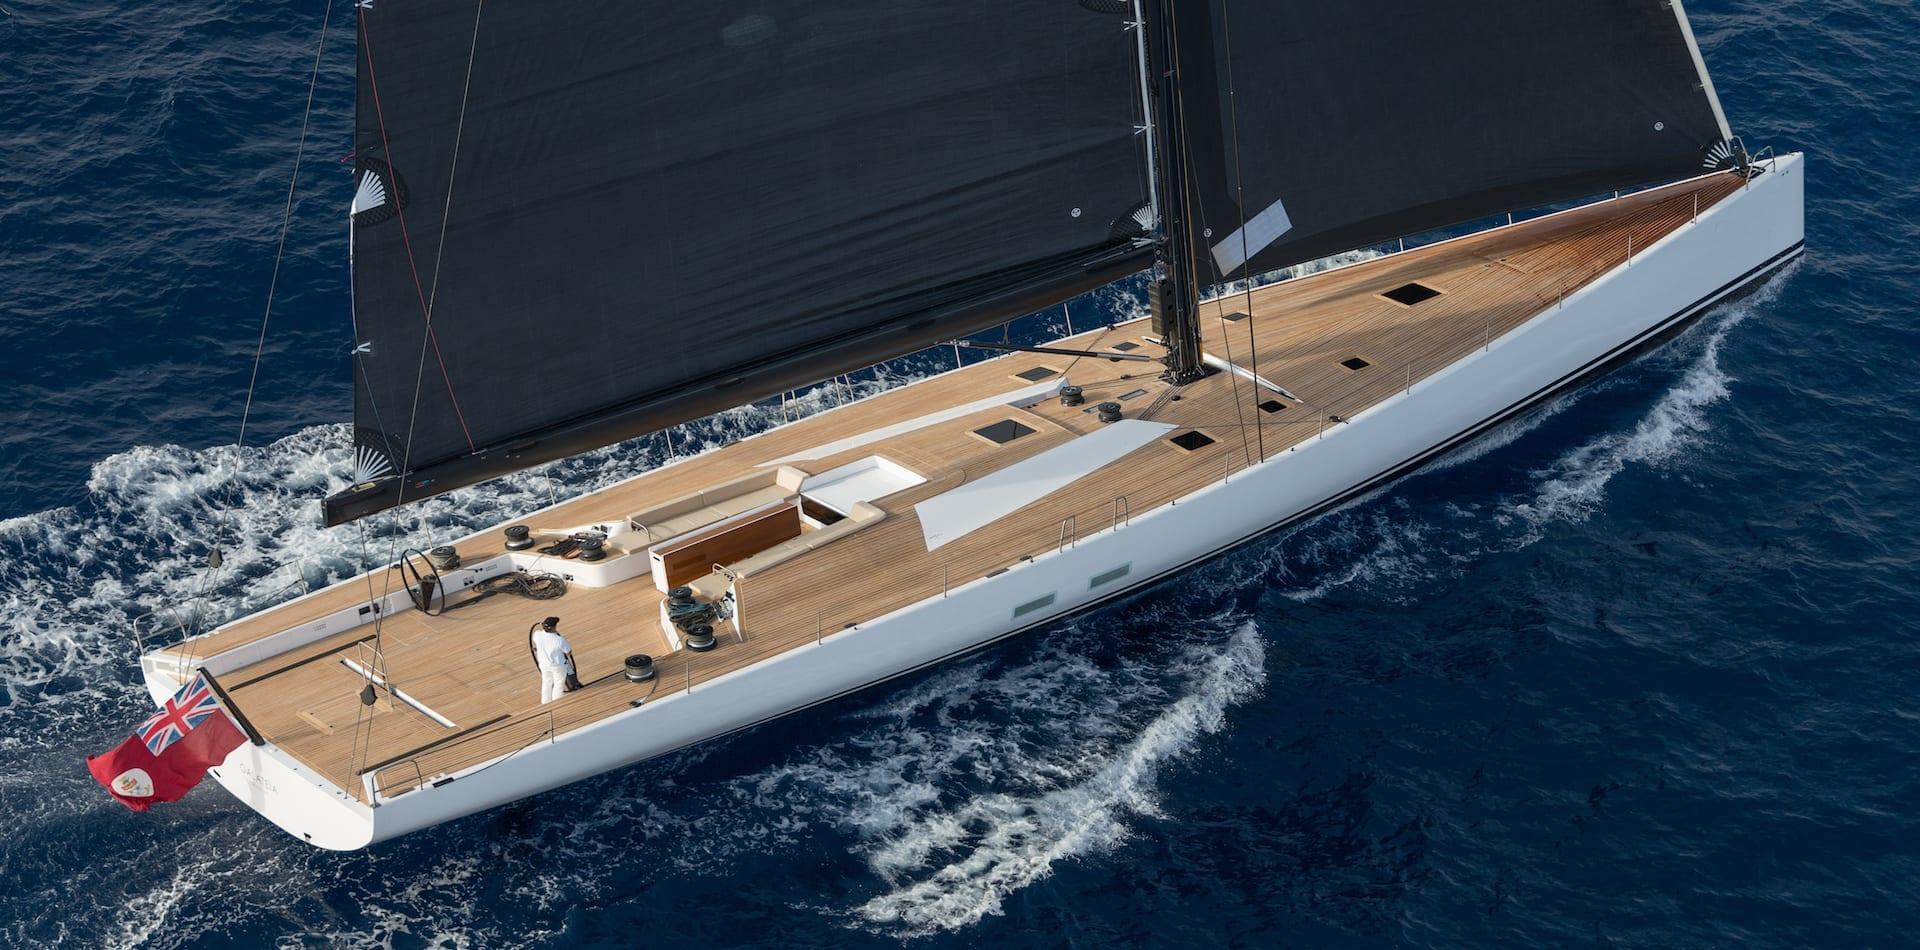 Palma (Mallorca, Spain) Wally Yachts, Wally Cento Galateia